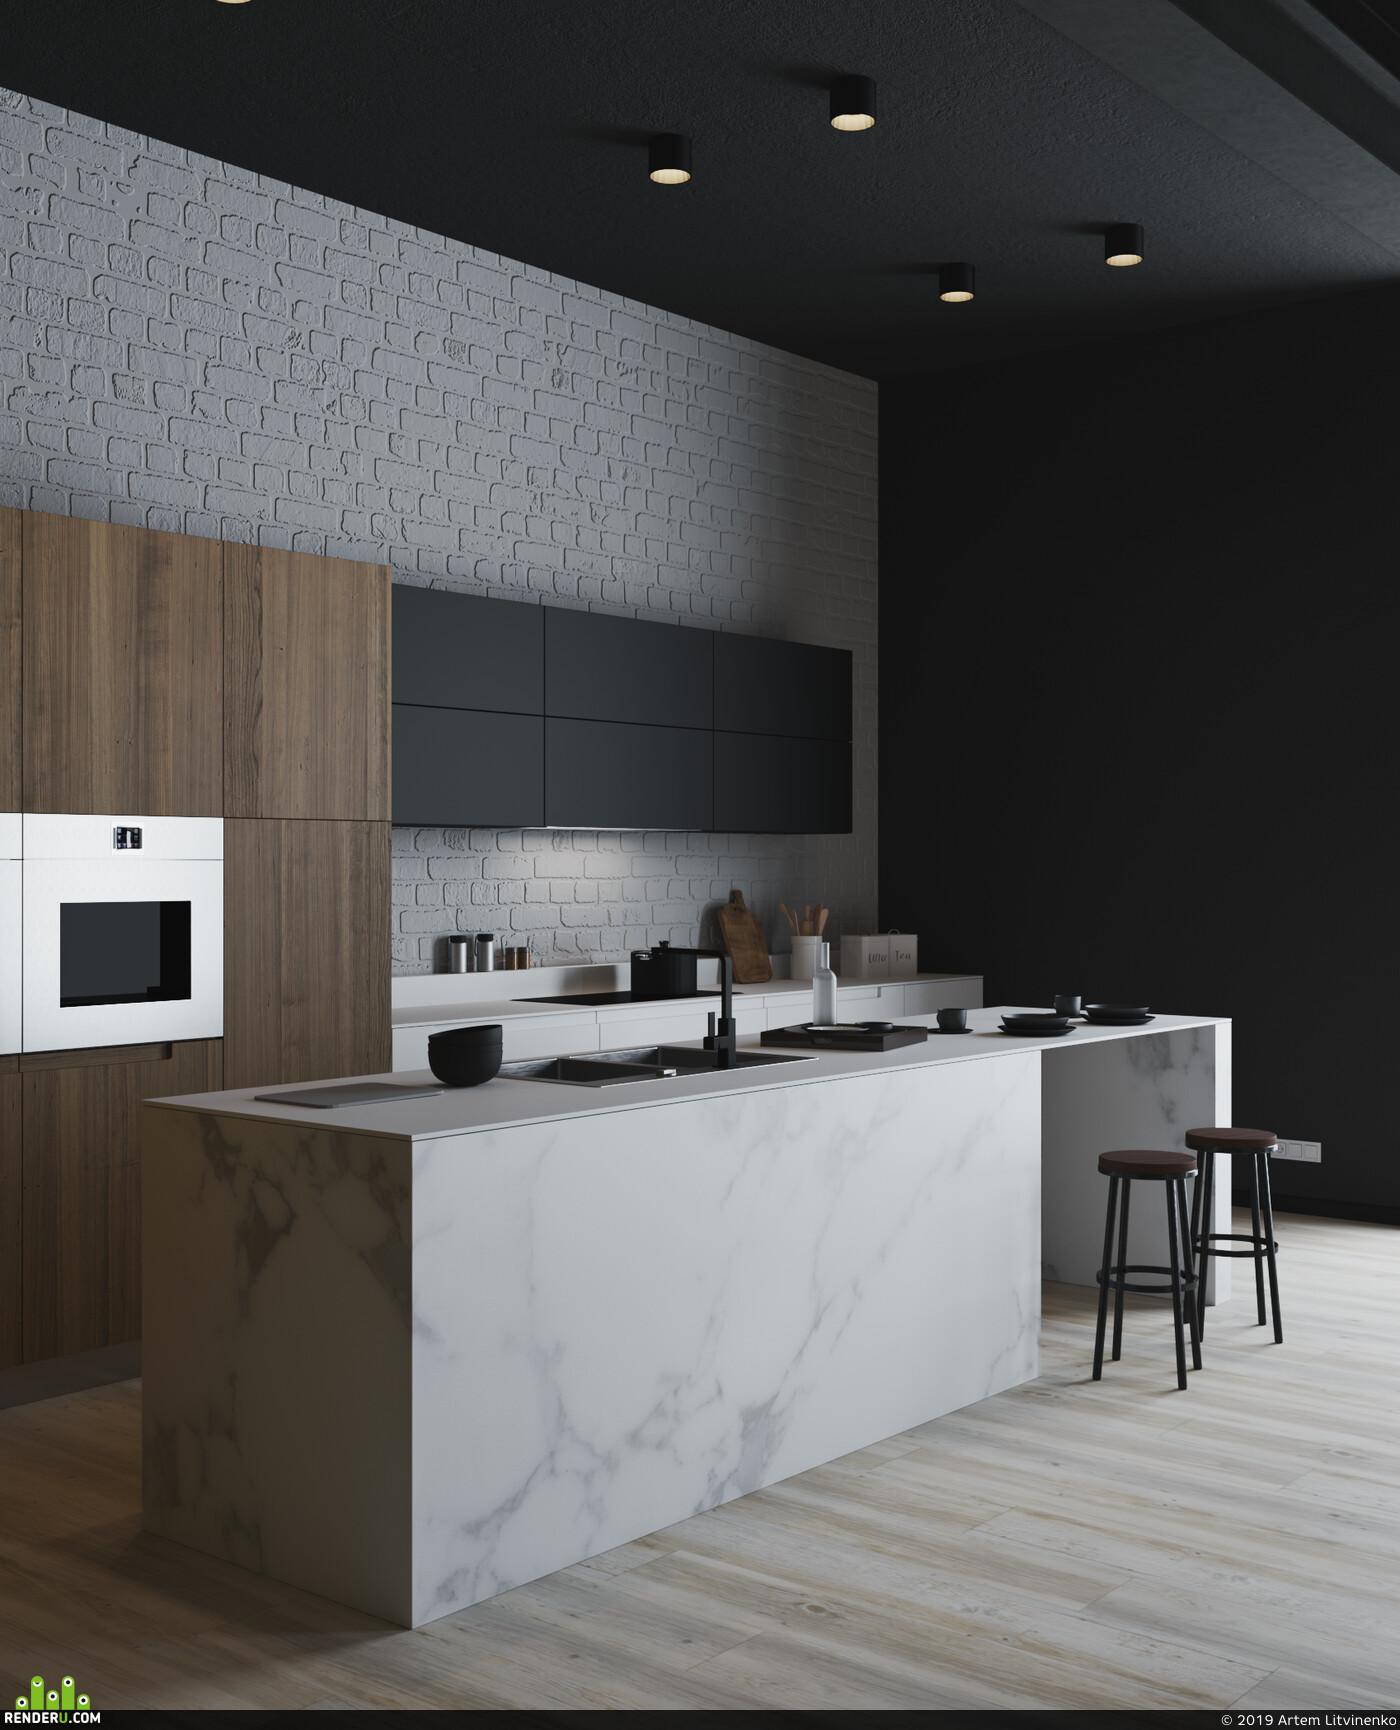 дизайн интерьера, Интерьерная визуализация, лофт, кухня-гостиная, кухня, 3д визуализация